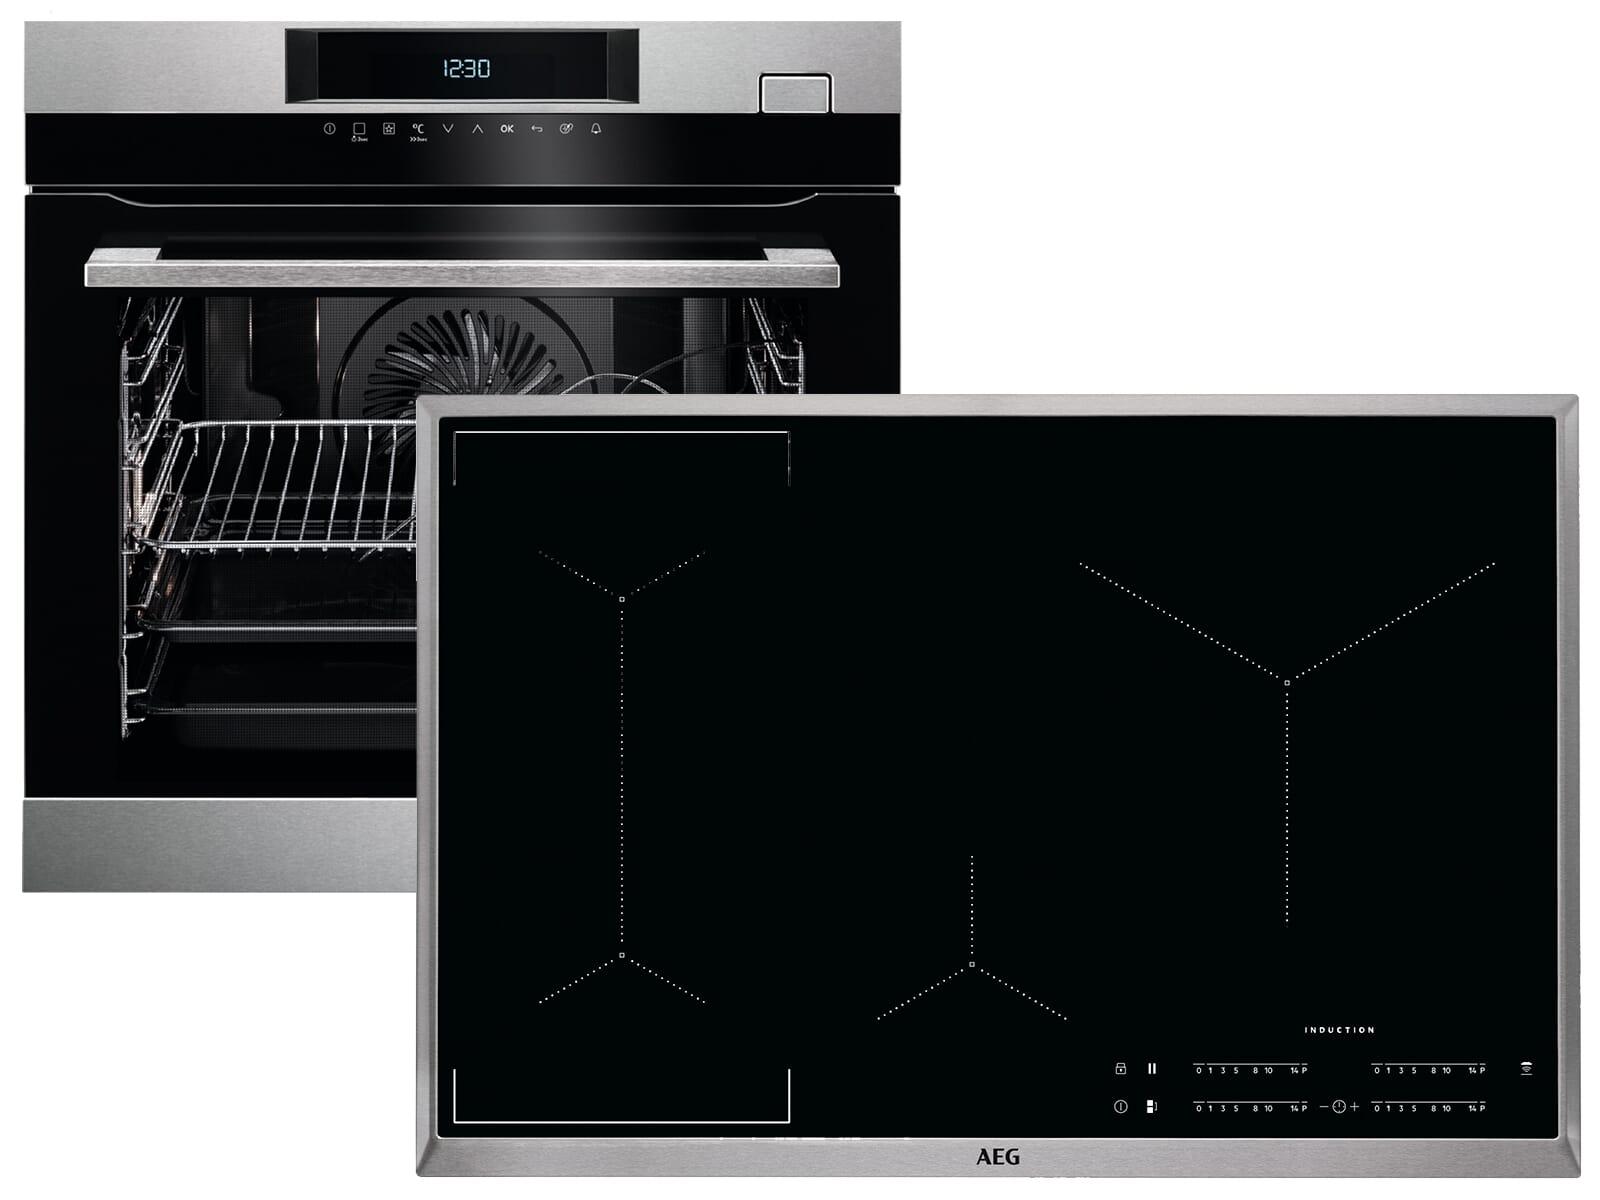 Aeg Kühlschrank Ausschalten : Kühlschränke u für echte energiesparfüchse aeg